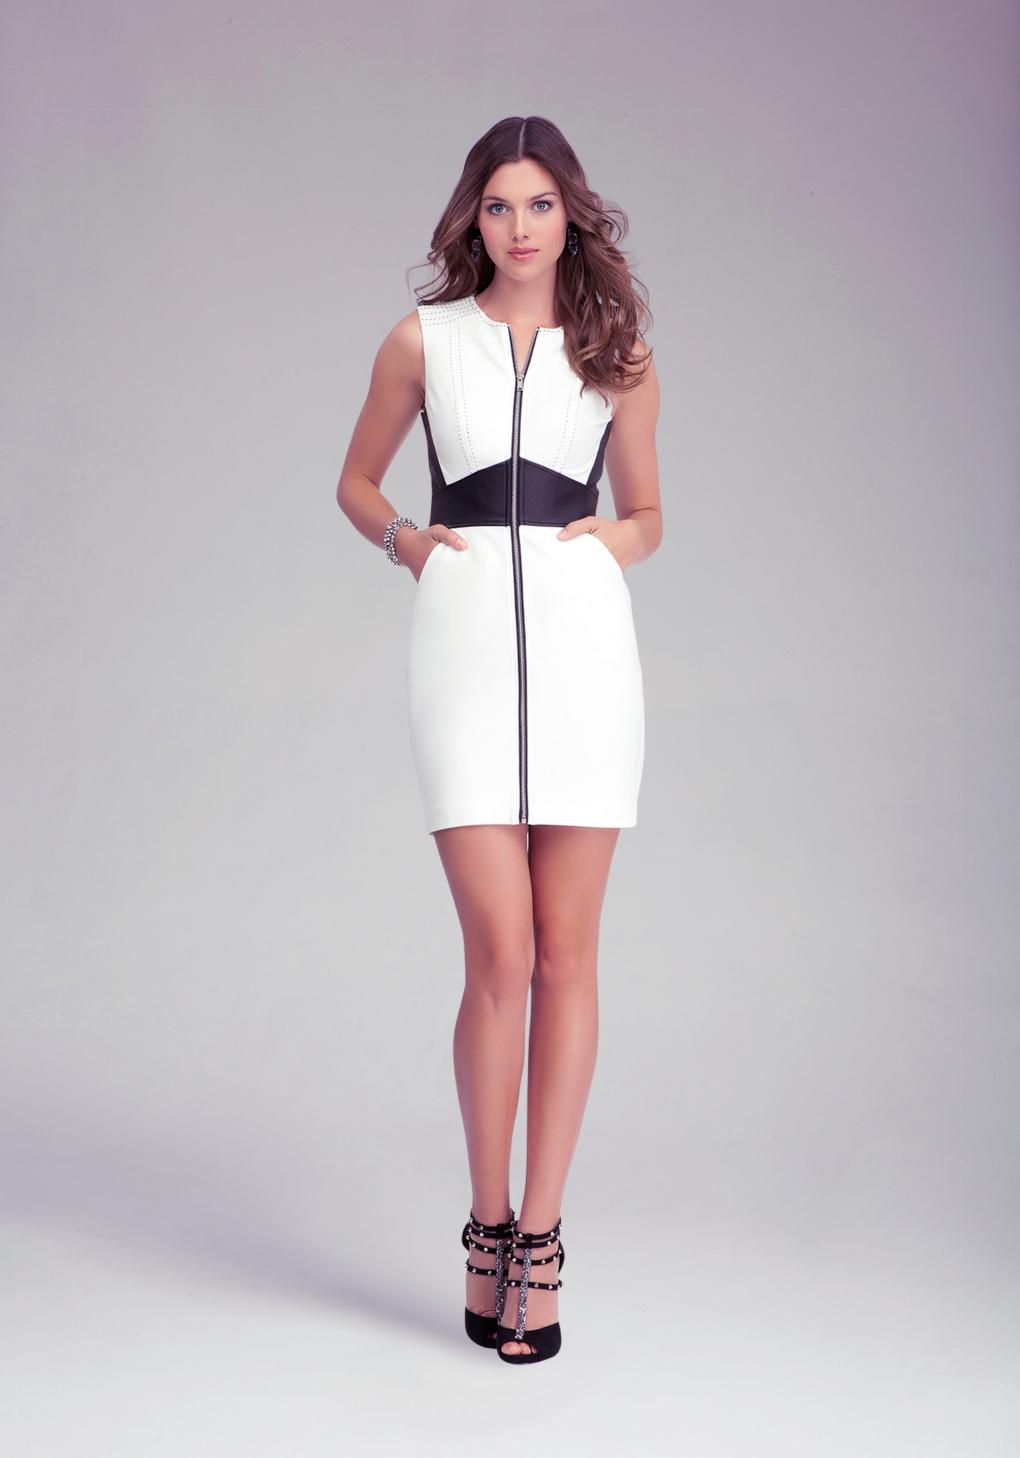 Lyst Bebe Zipper Front Leather Waist Dress In Black